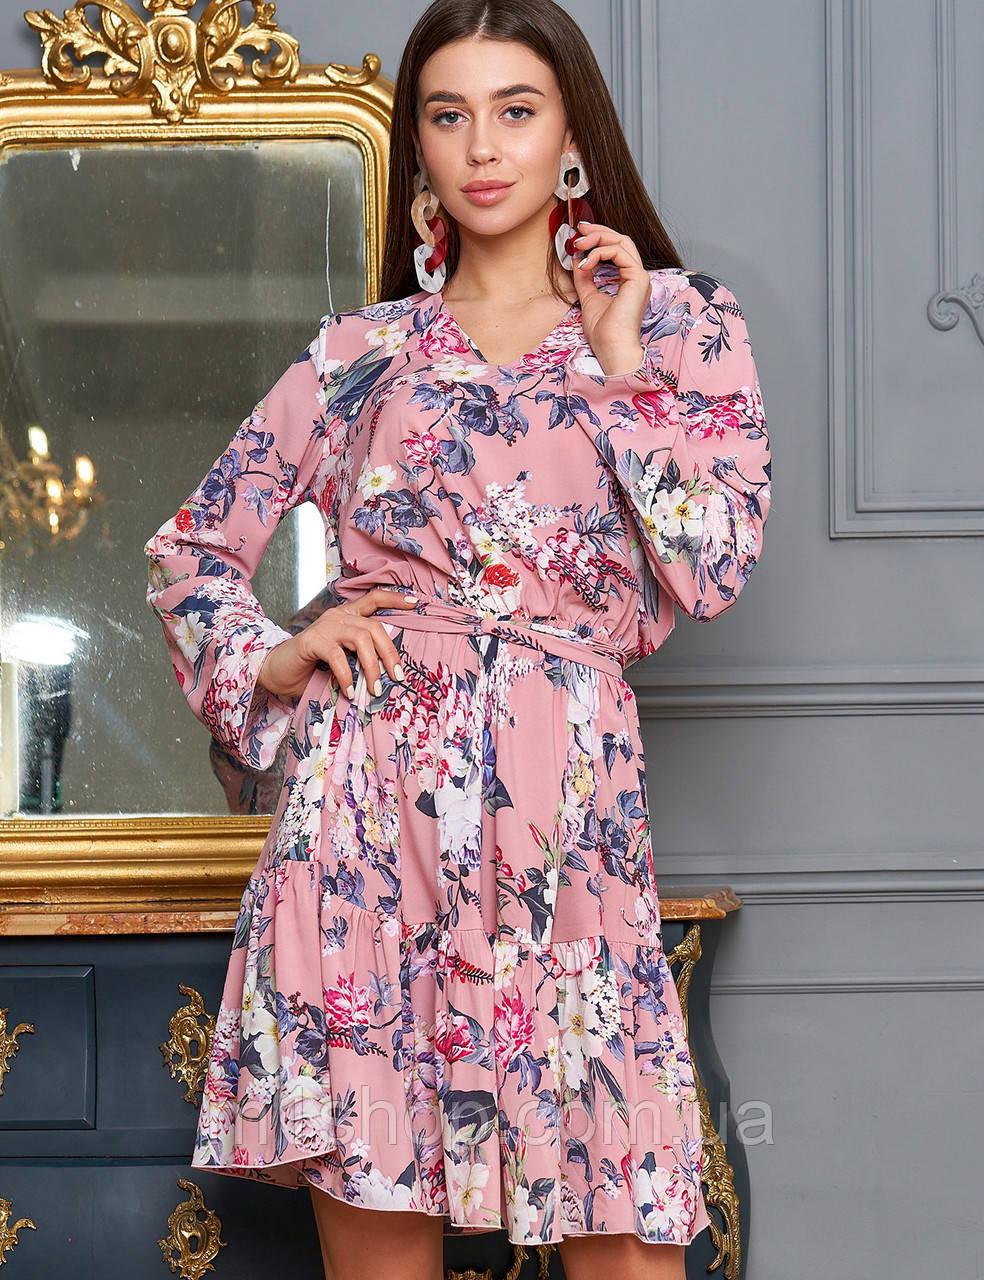 Женское цветочное платье (Лолита jd)